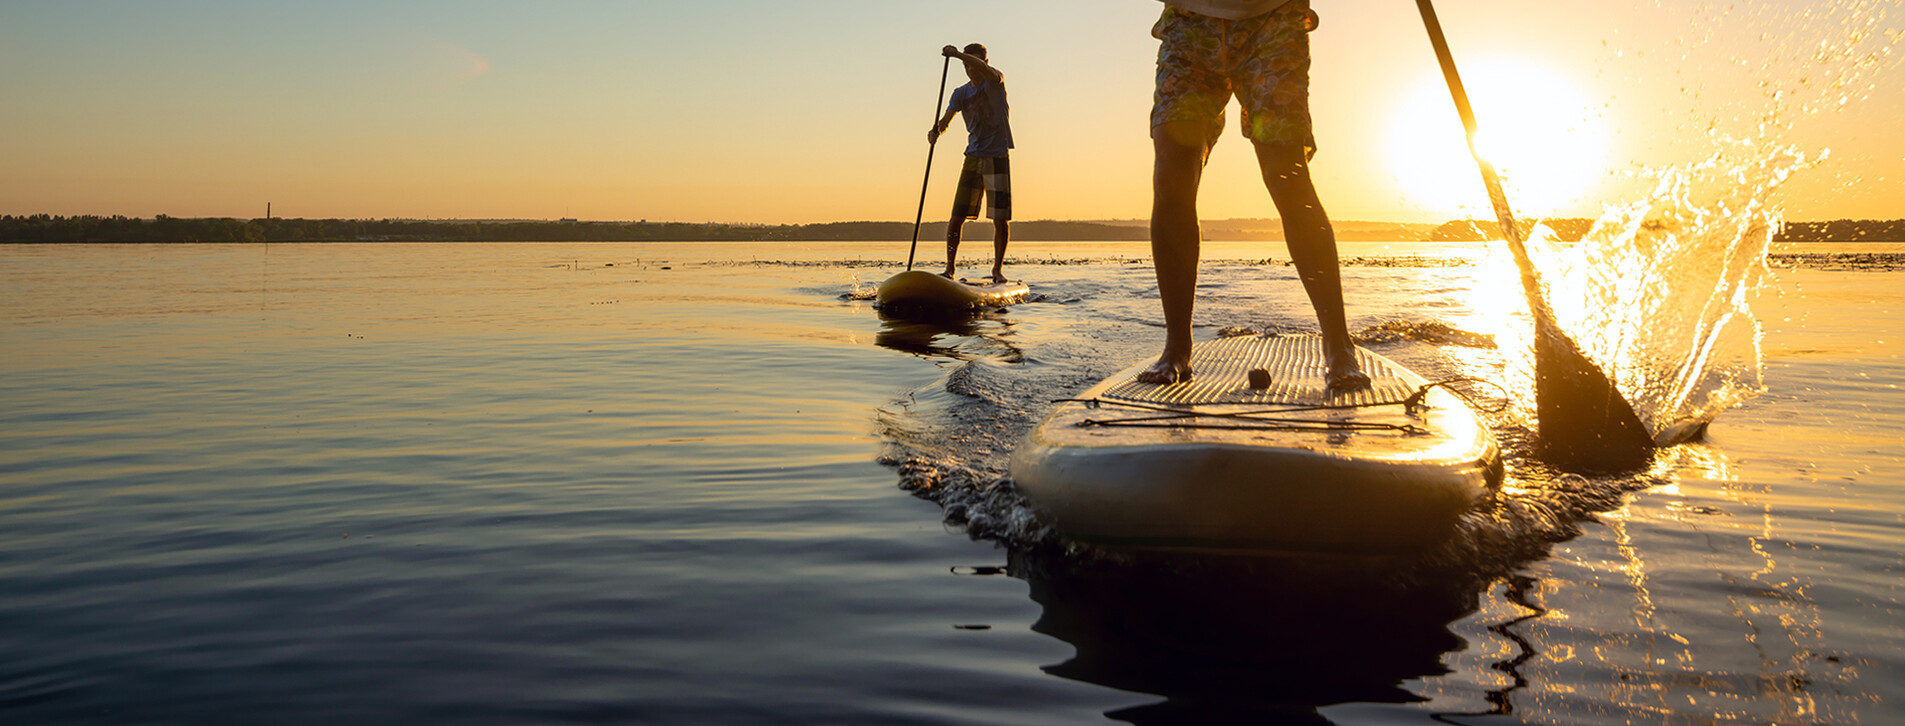 Фото 1 - SUP-серфинг на закате для компании